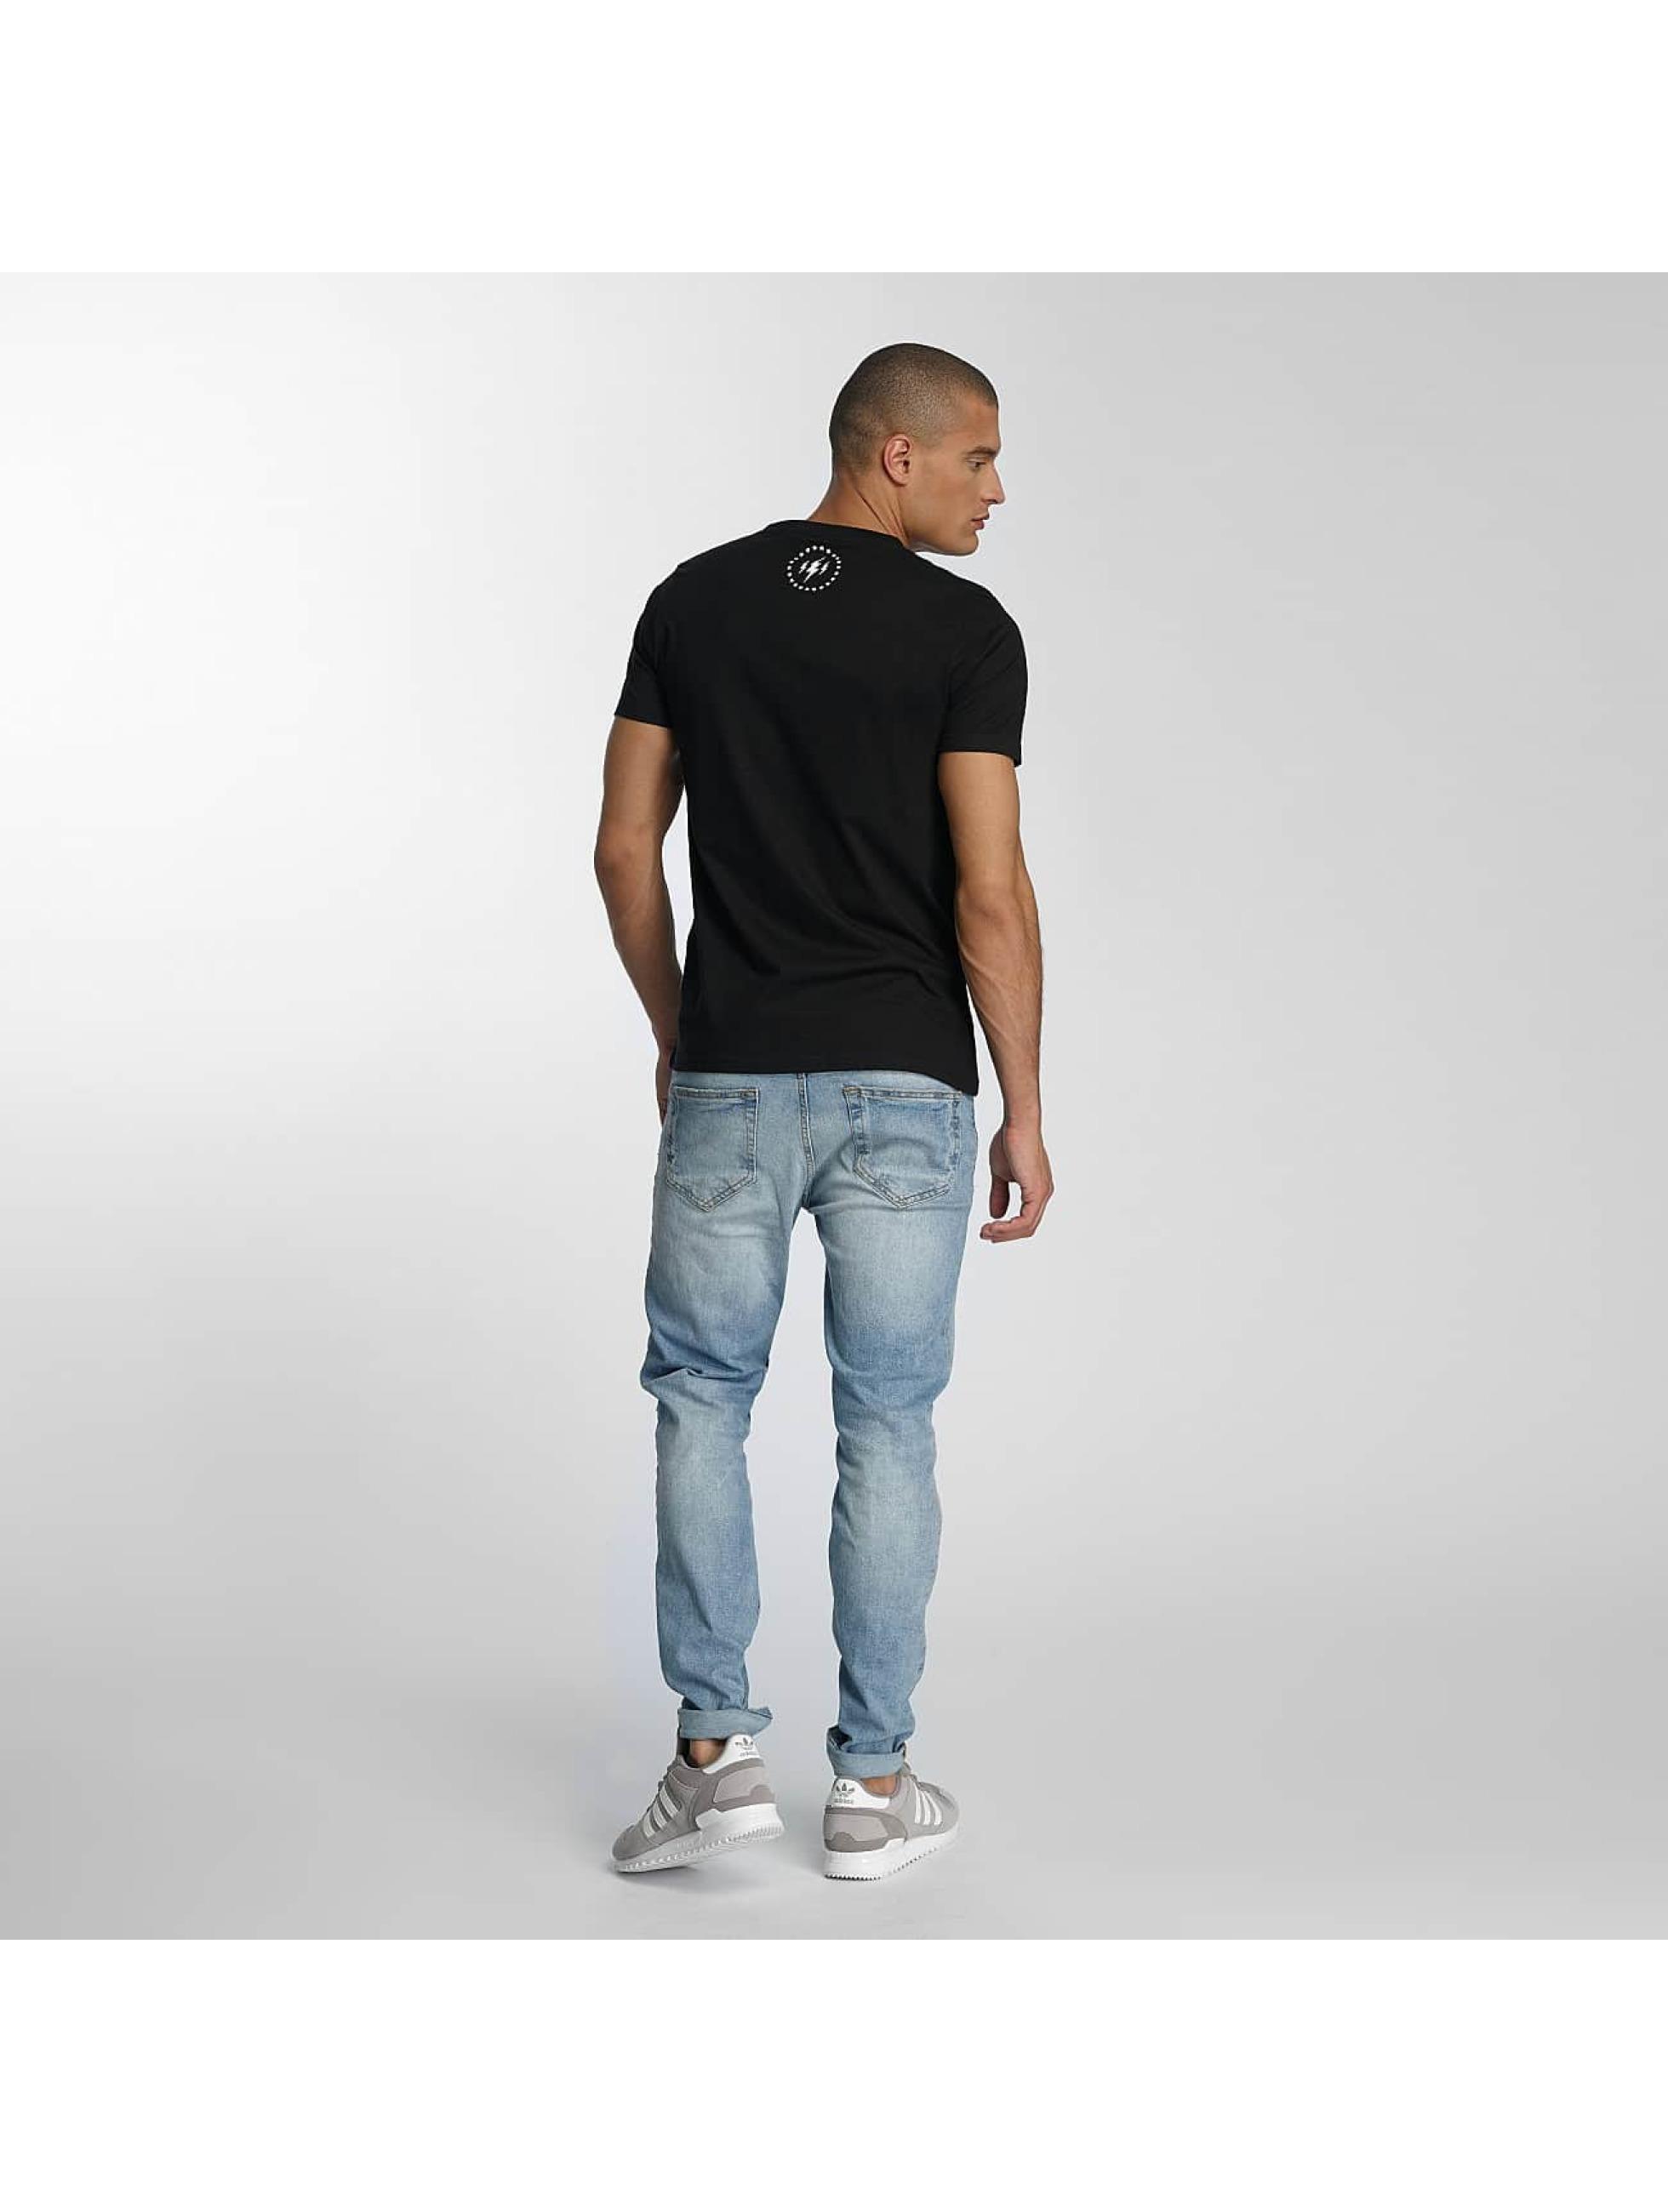 TrueSpin t-shirt 6 zwart